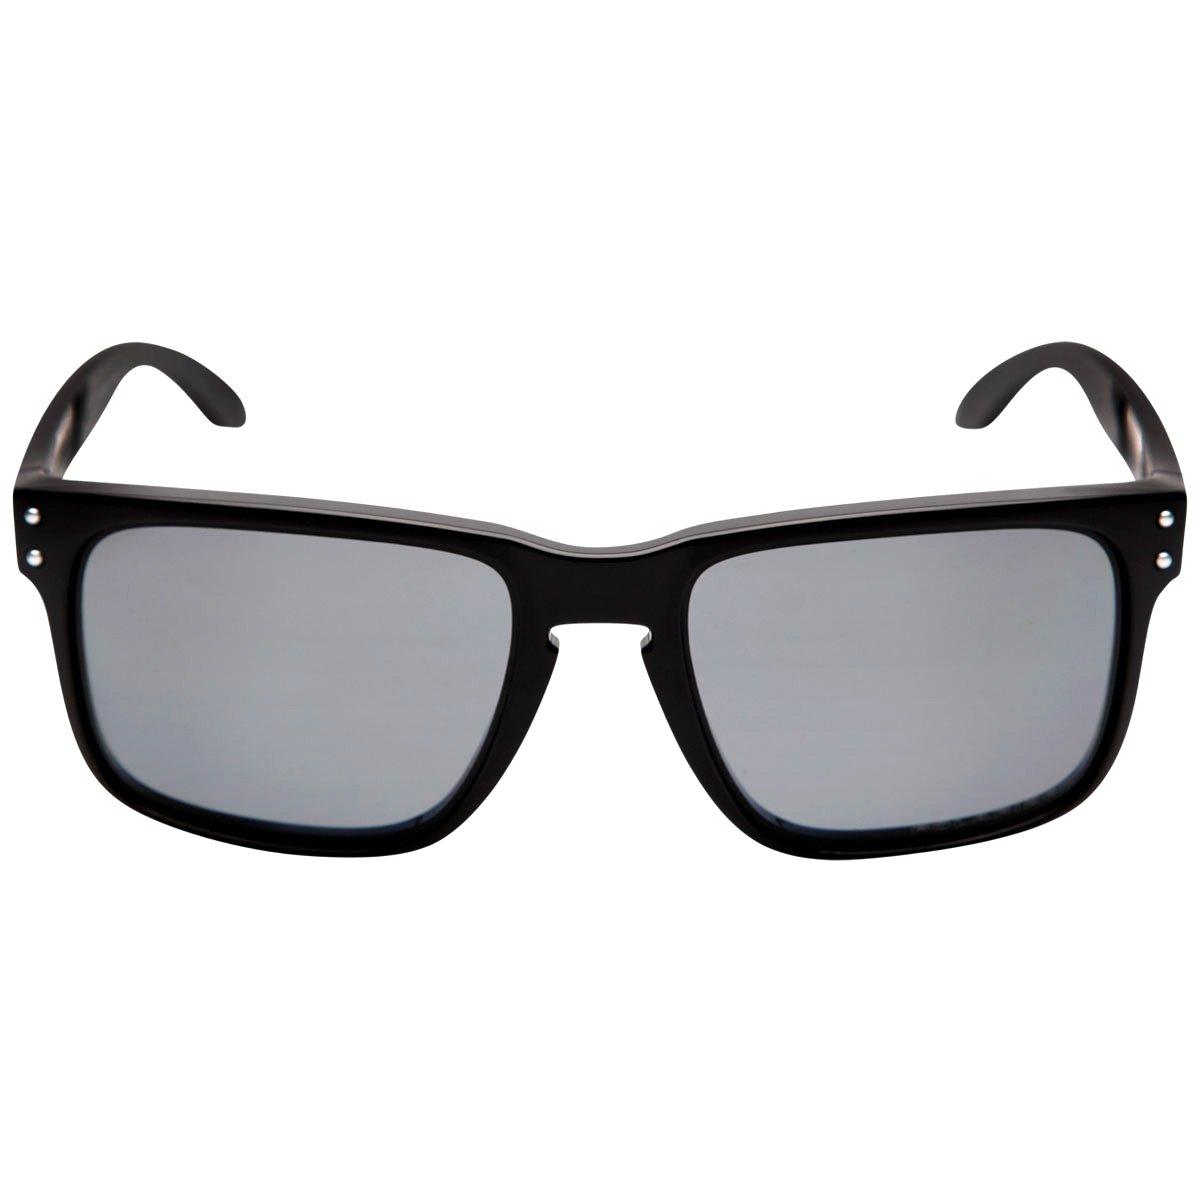 Óculos de Sol Oakley Holbrook Masculino - Preto - Compre Agora   Zattini 88c197b81c